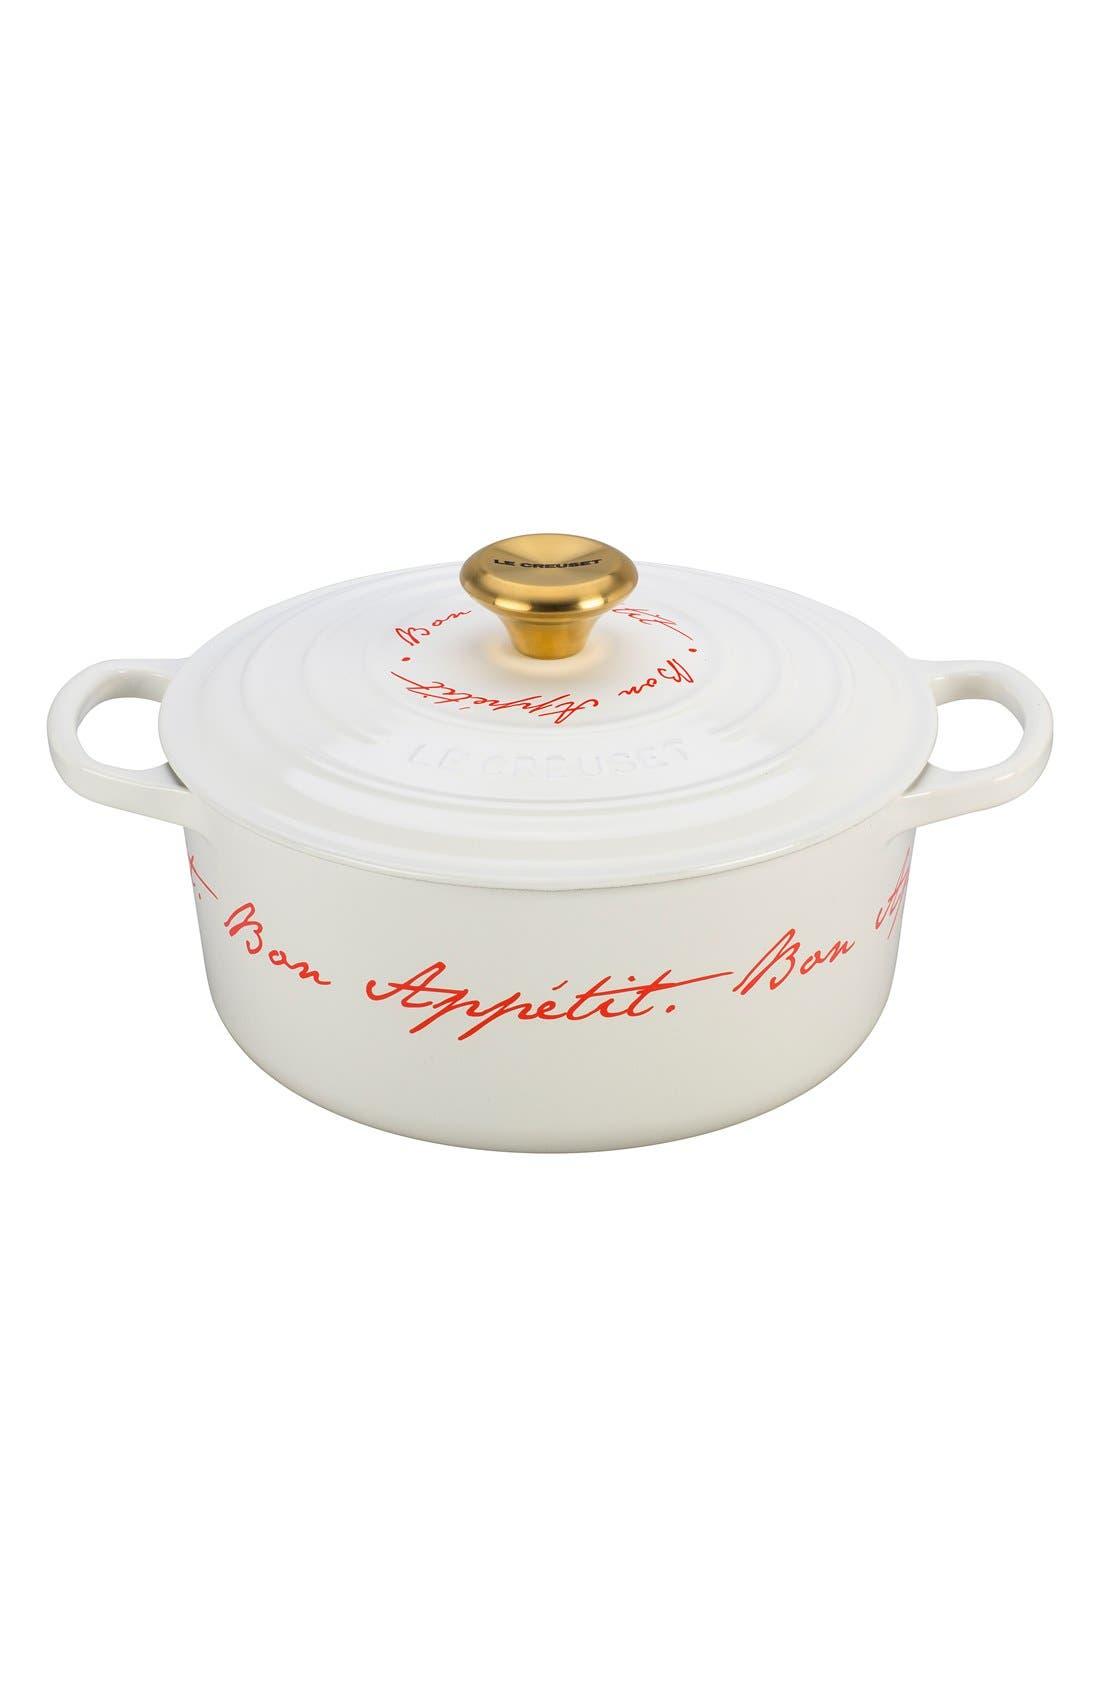 'Bon Appétit - Gold Knob' 4 1/2 Quart Round Enamel Cast Iron French/Dutch Oven,                         Main,                         color, 100